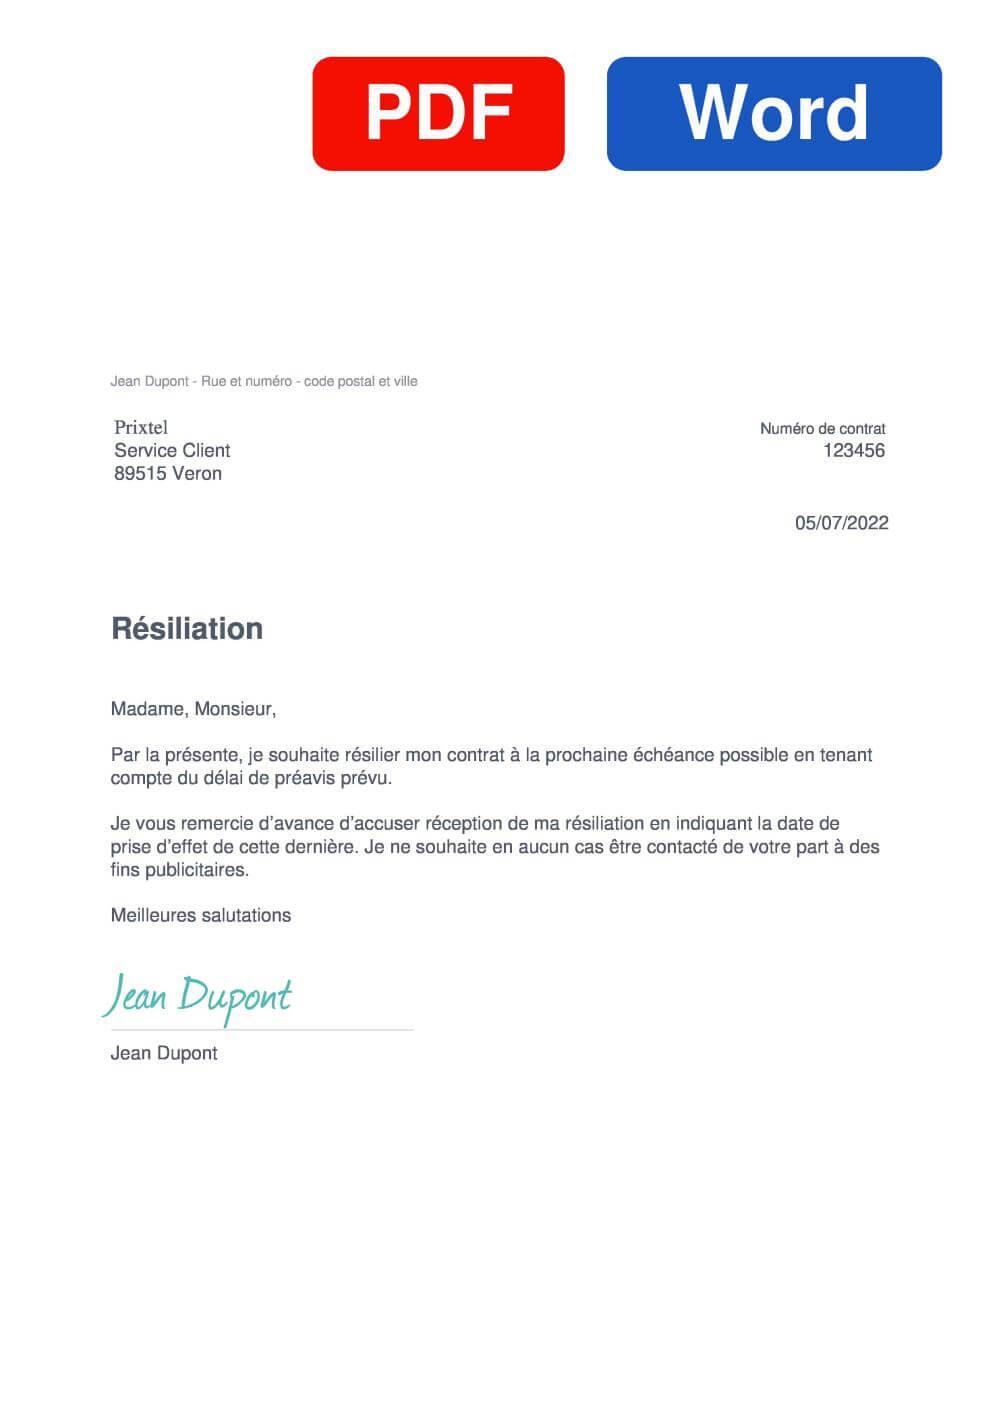 Prixtel Modèle de lettre de résiliation